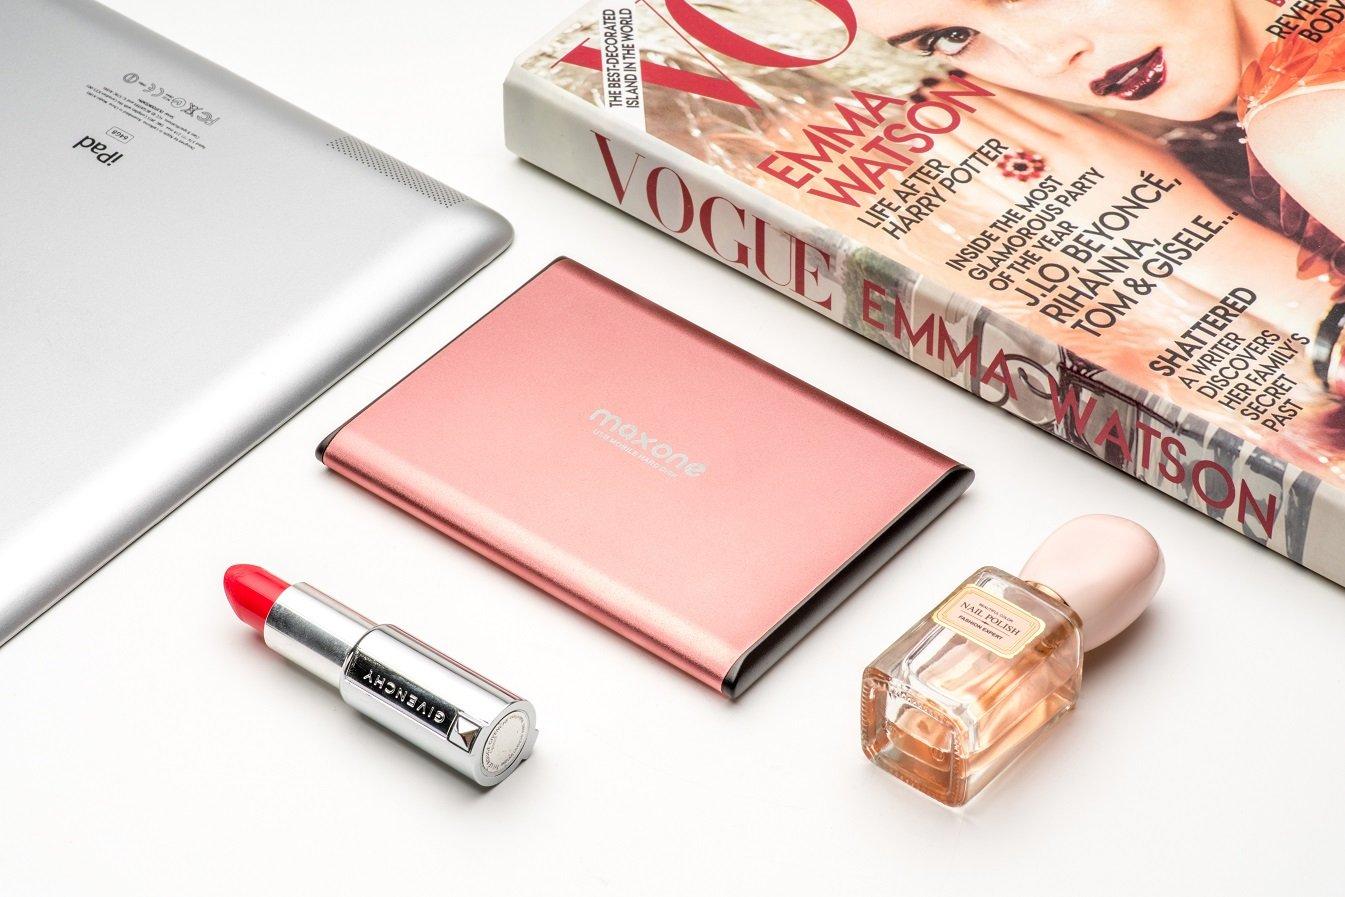 Disque dur Externe Portable 500Go - 2.5\'\' USB 3.0 Ultra fin Tout-Aluminium Stockage HDD pour Xbox One, PS4, PC, Mac, Laptop, Ordinateur de Bureau, Ordinateur Portable, Wii U, TV, Windows(Rose pink)